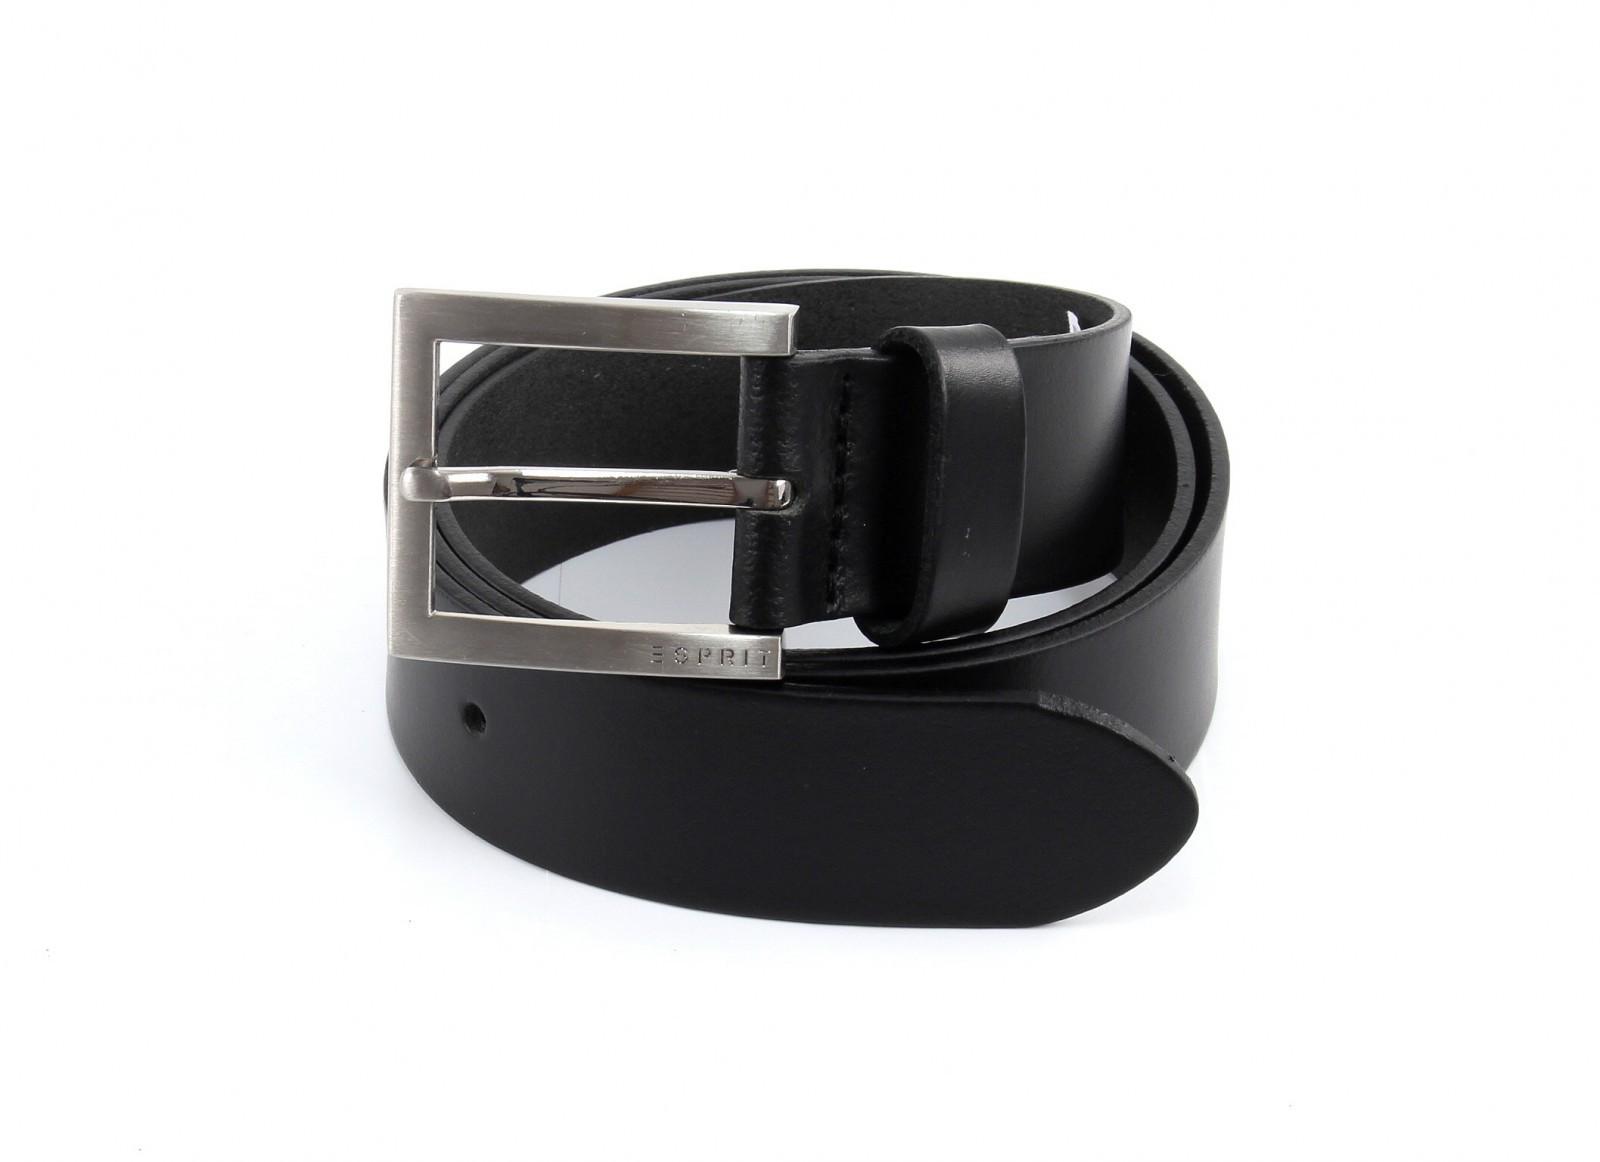 ESPRIT Olaf Belt W105 Black